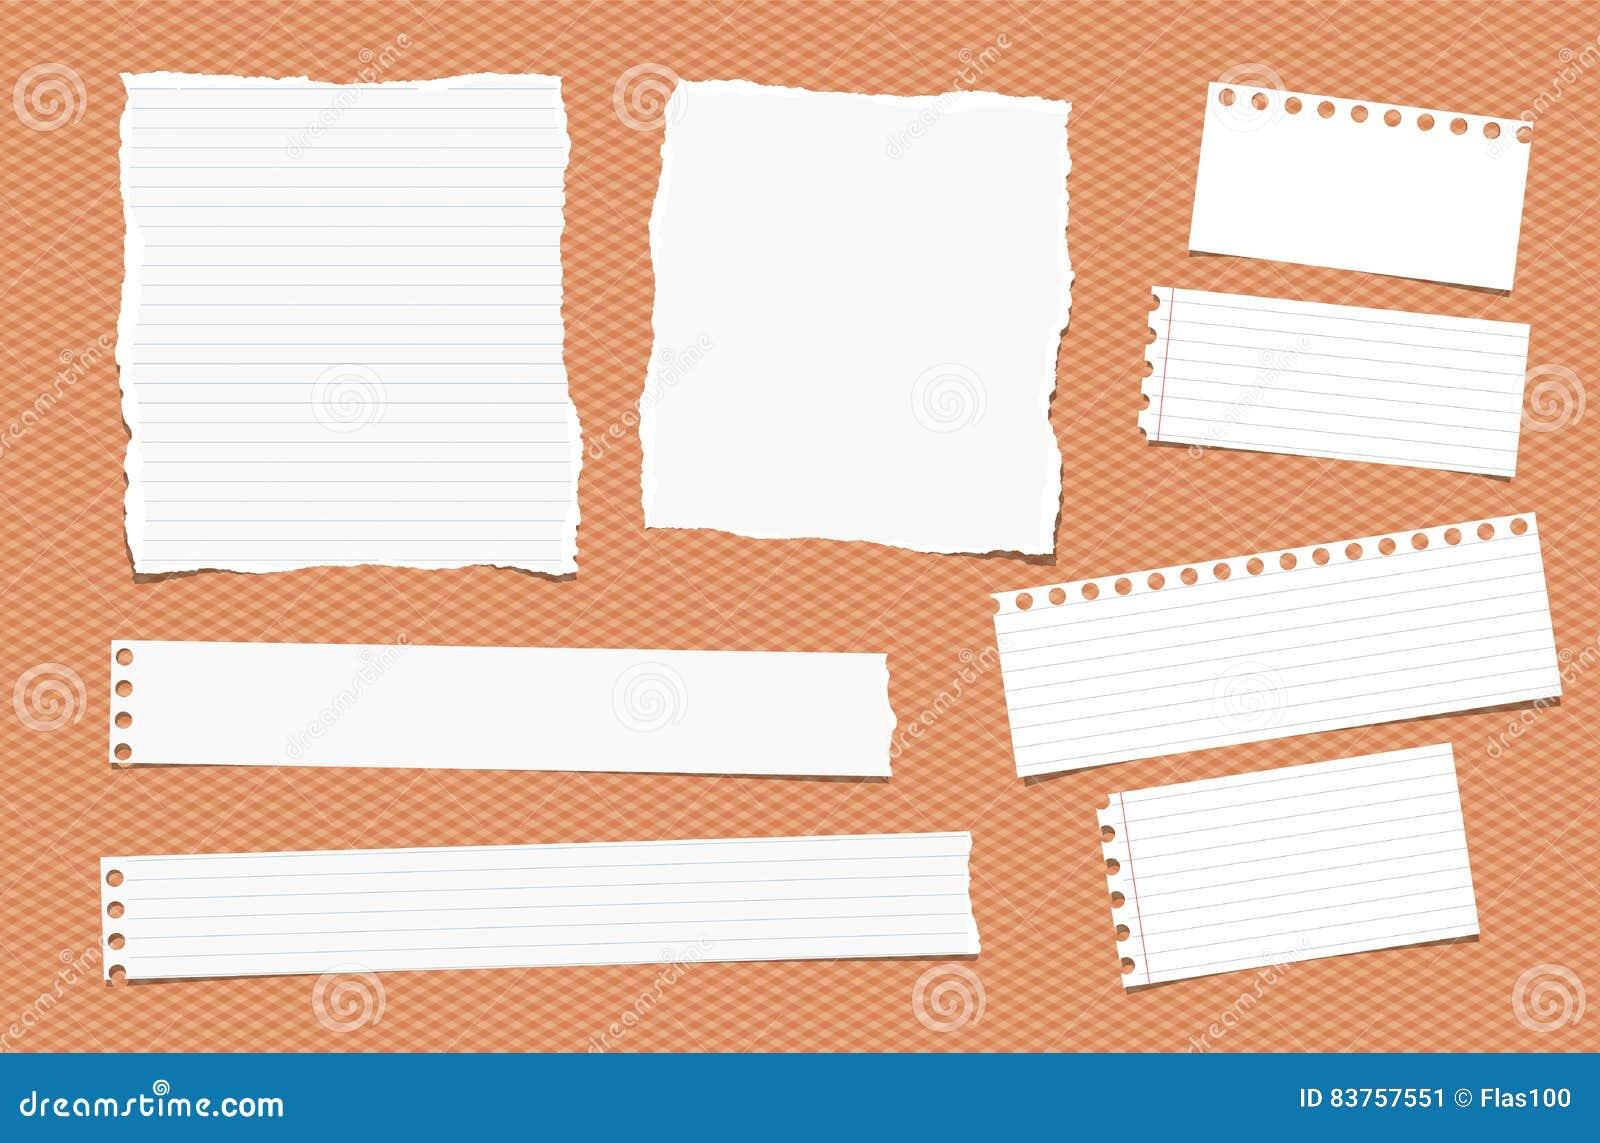 Partes de nota branca rasgada do tamanho diferente, caderno, folhas de papel do caderno